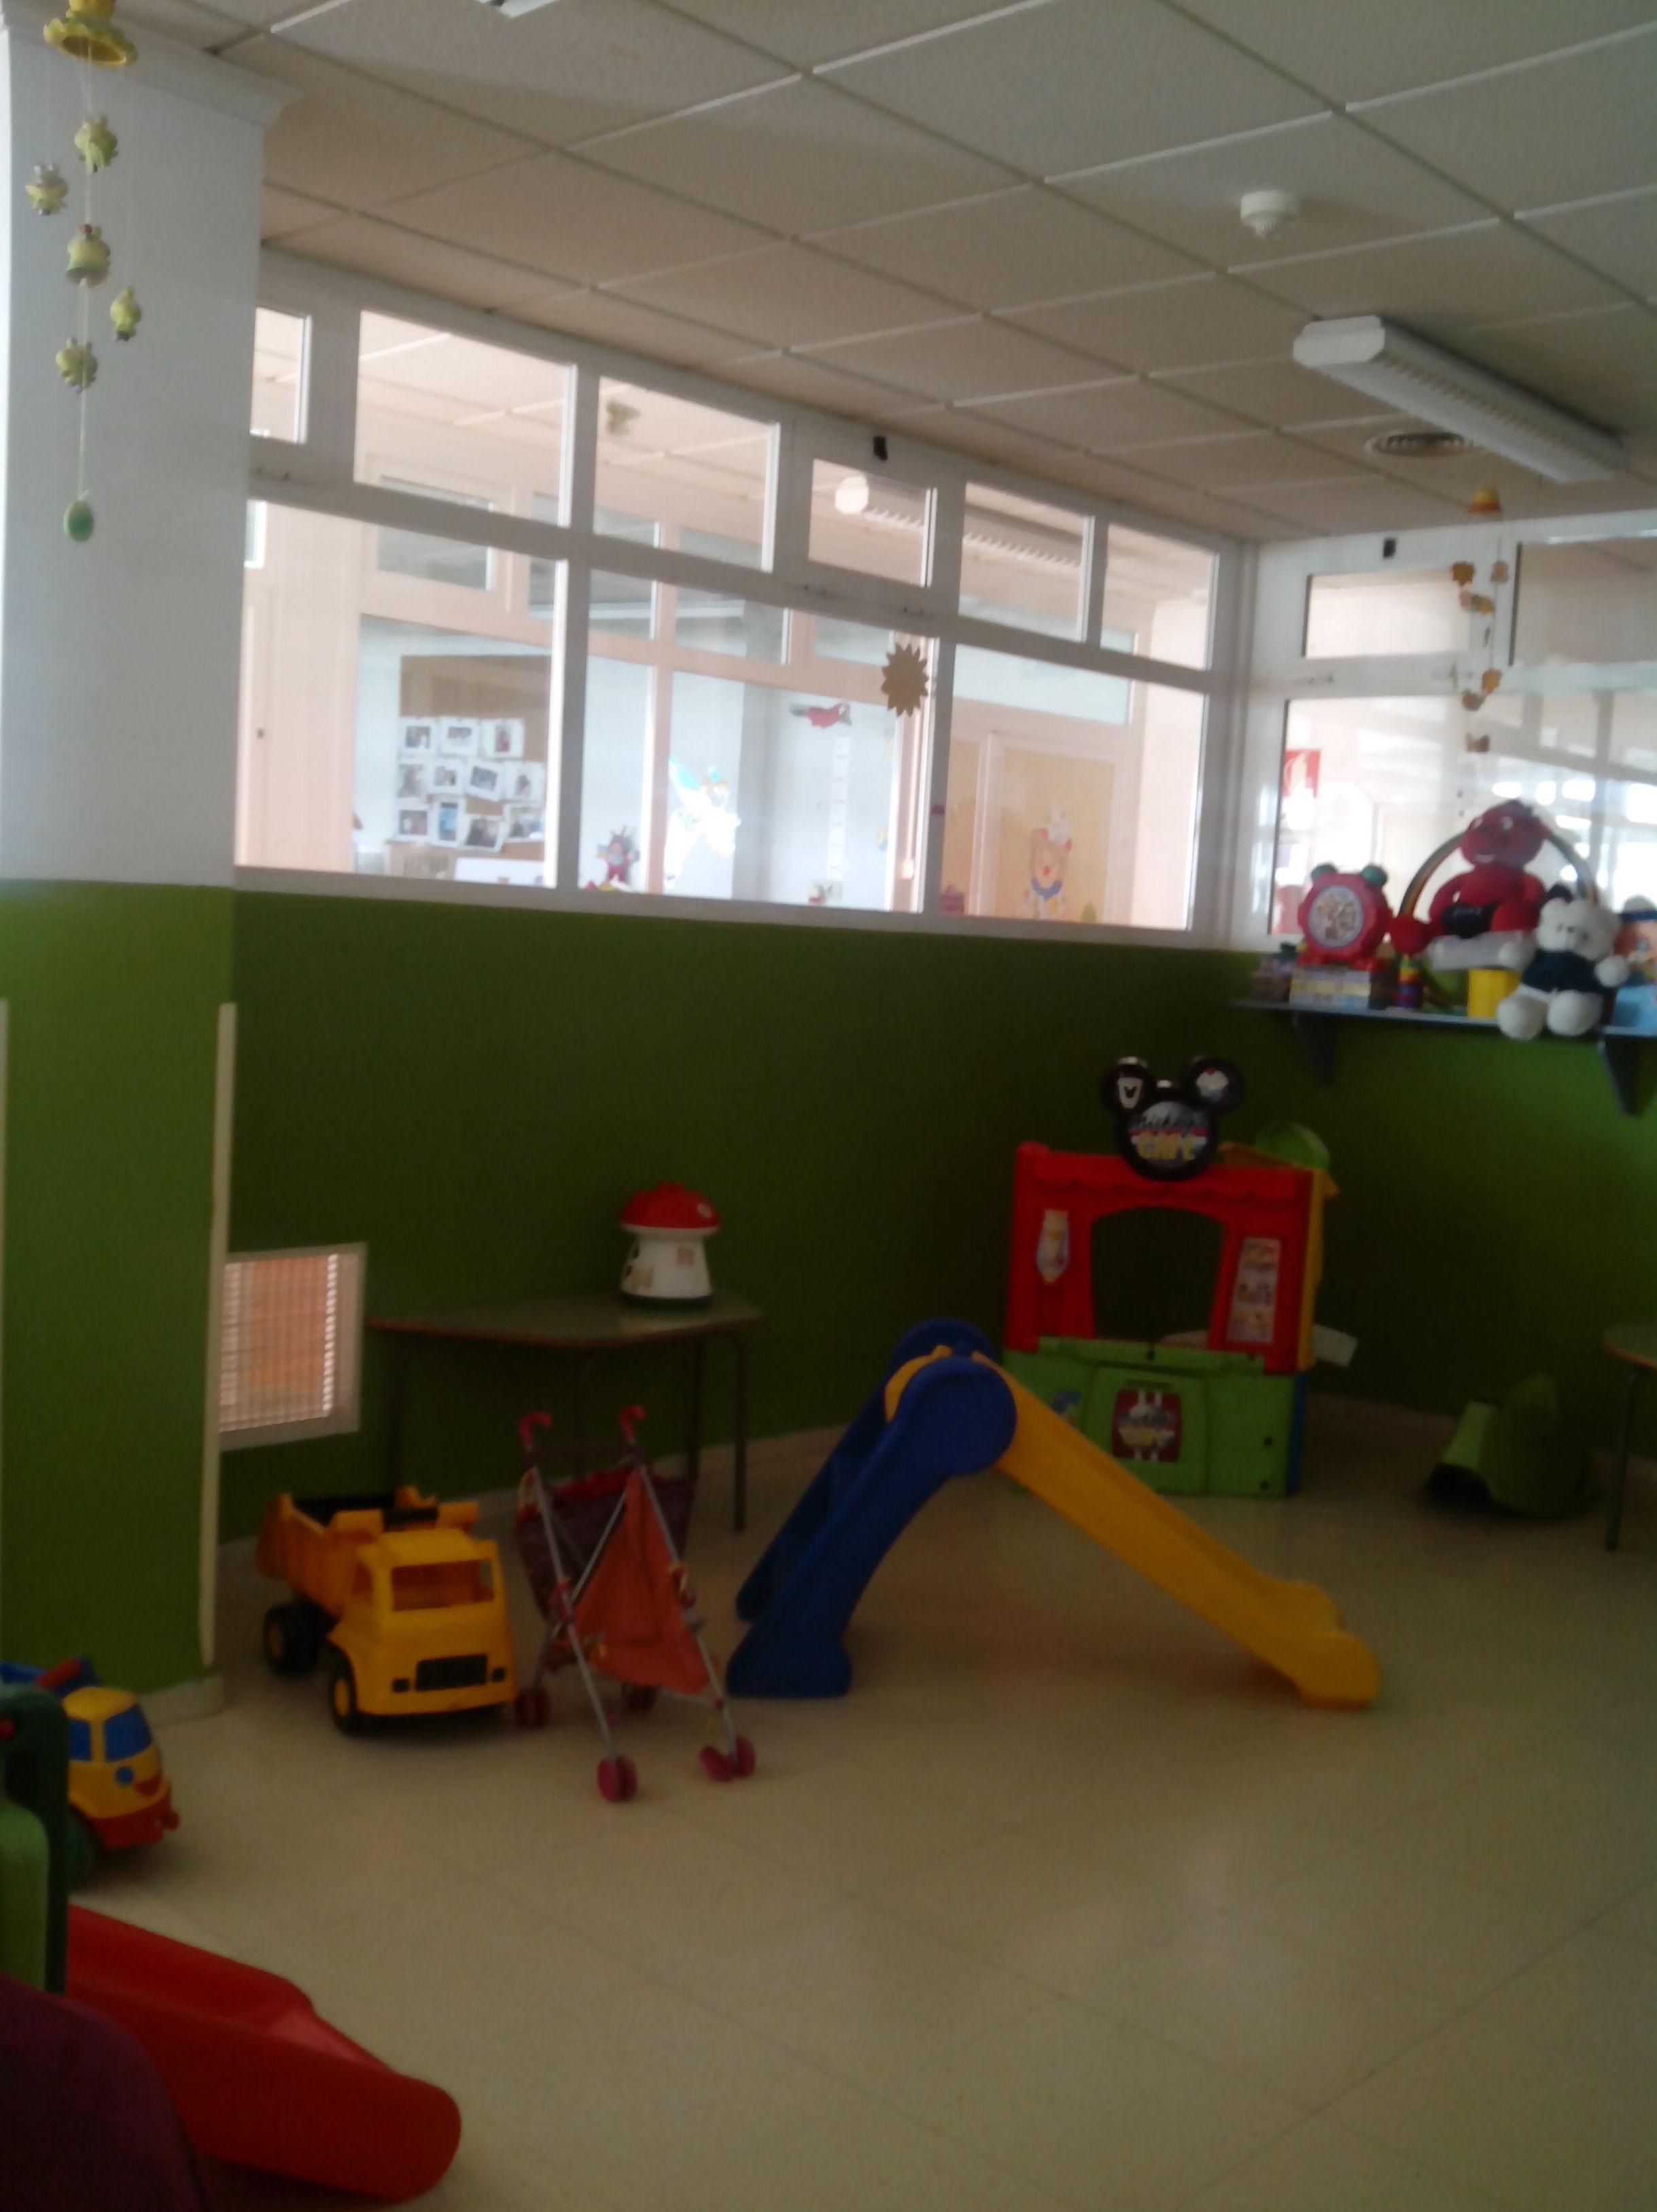 Foto 29 de Guarderías en Albacete | Escuela Infantil Ñacos